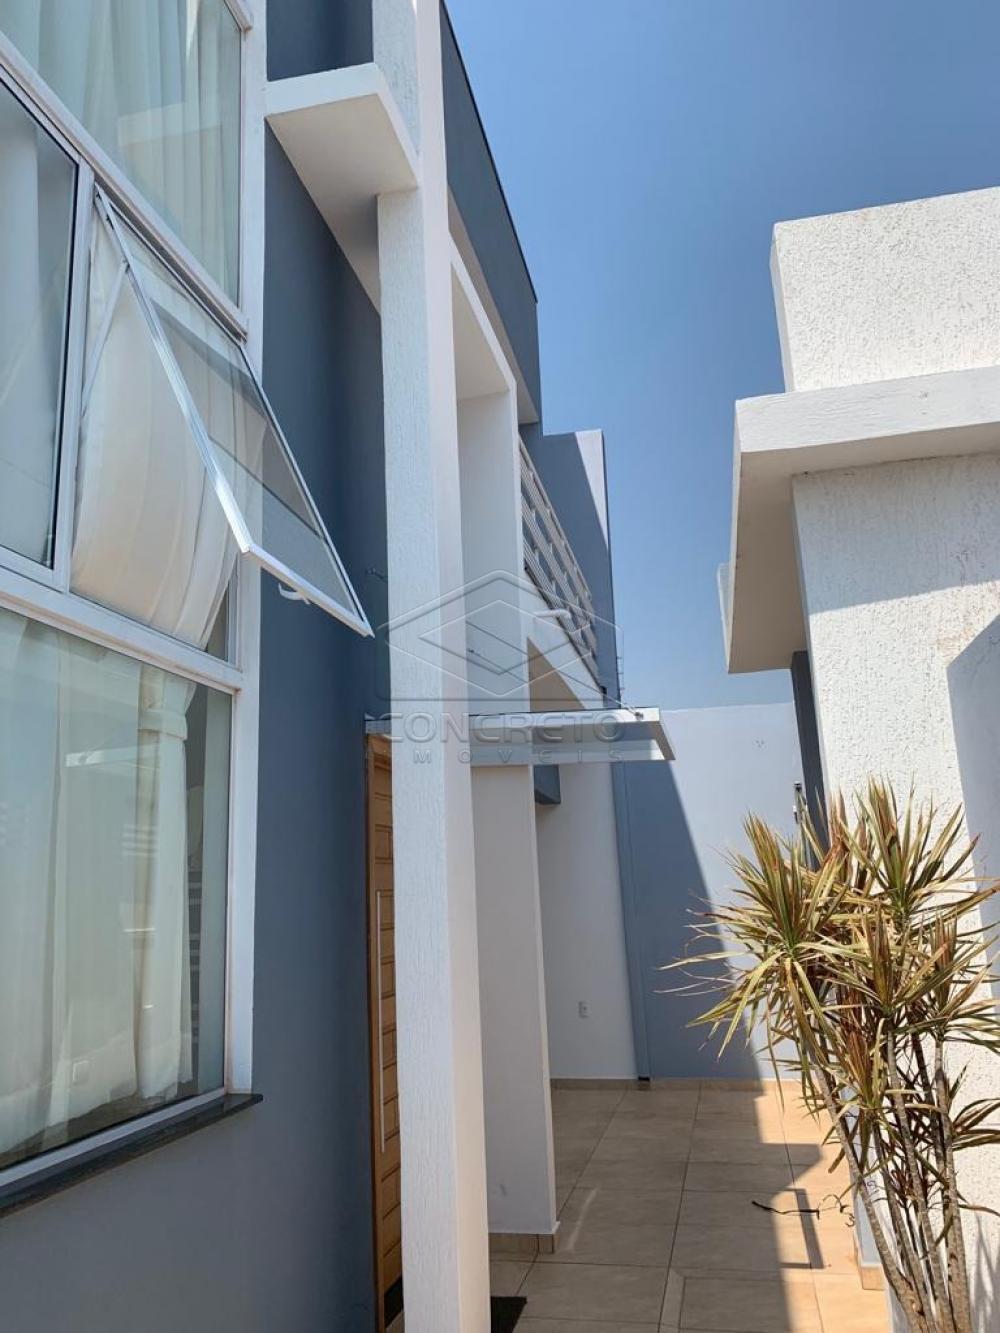 Comprar Casa / Padrão em Sao Manuel apenas R$ 650.000,00 - Foto 62